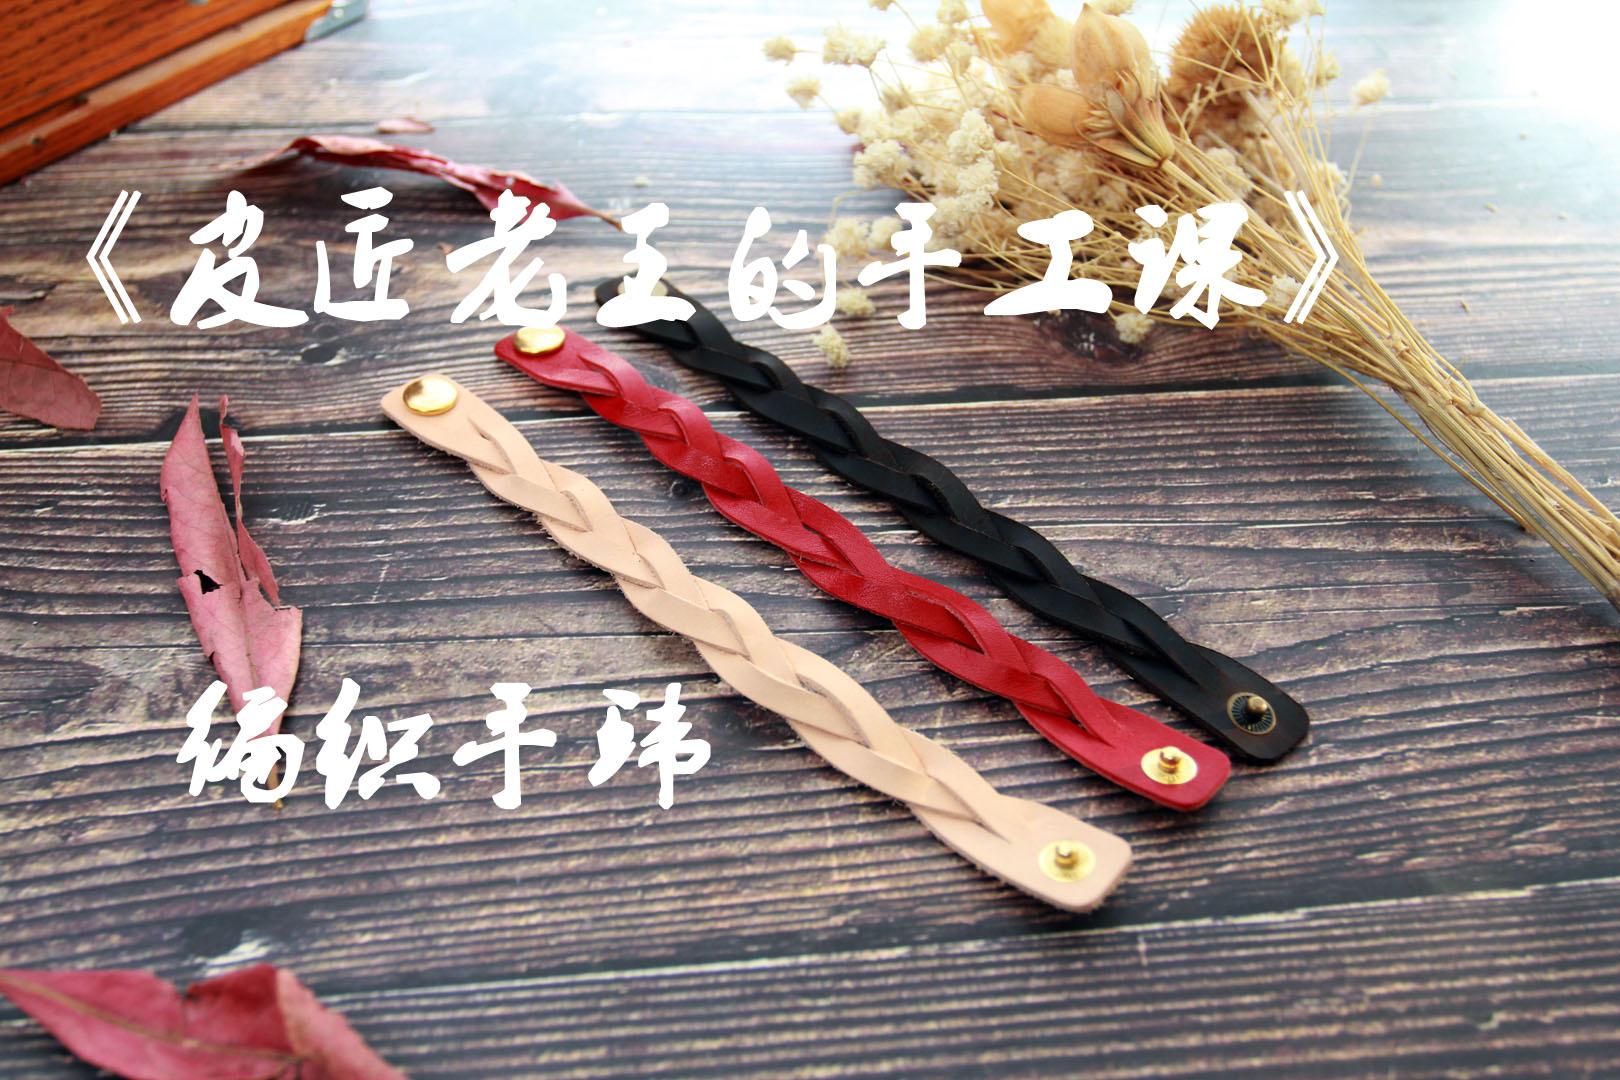 【皮匠老王的手工课】教你编织一条牛皮手环手链